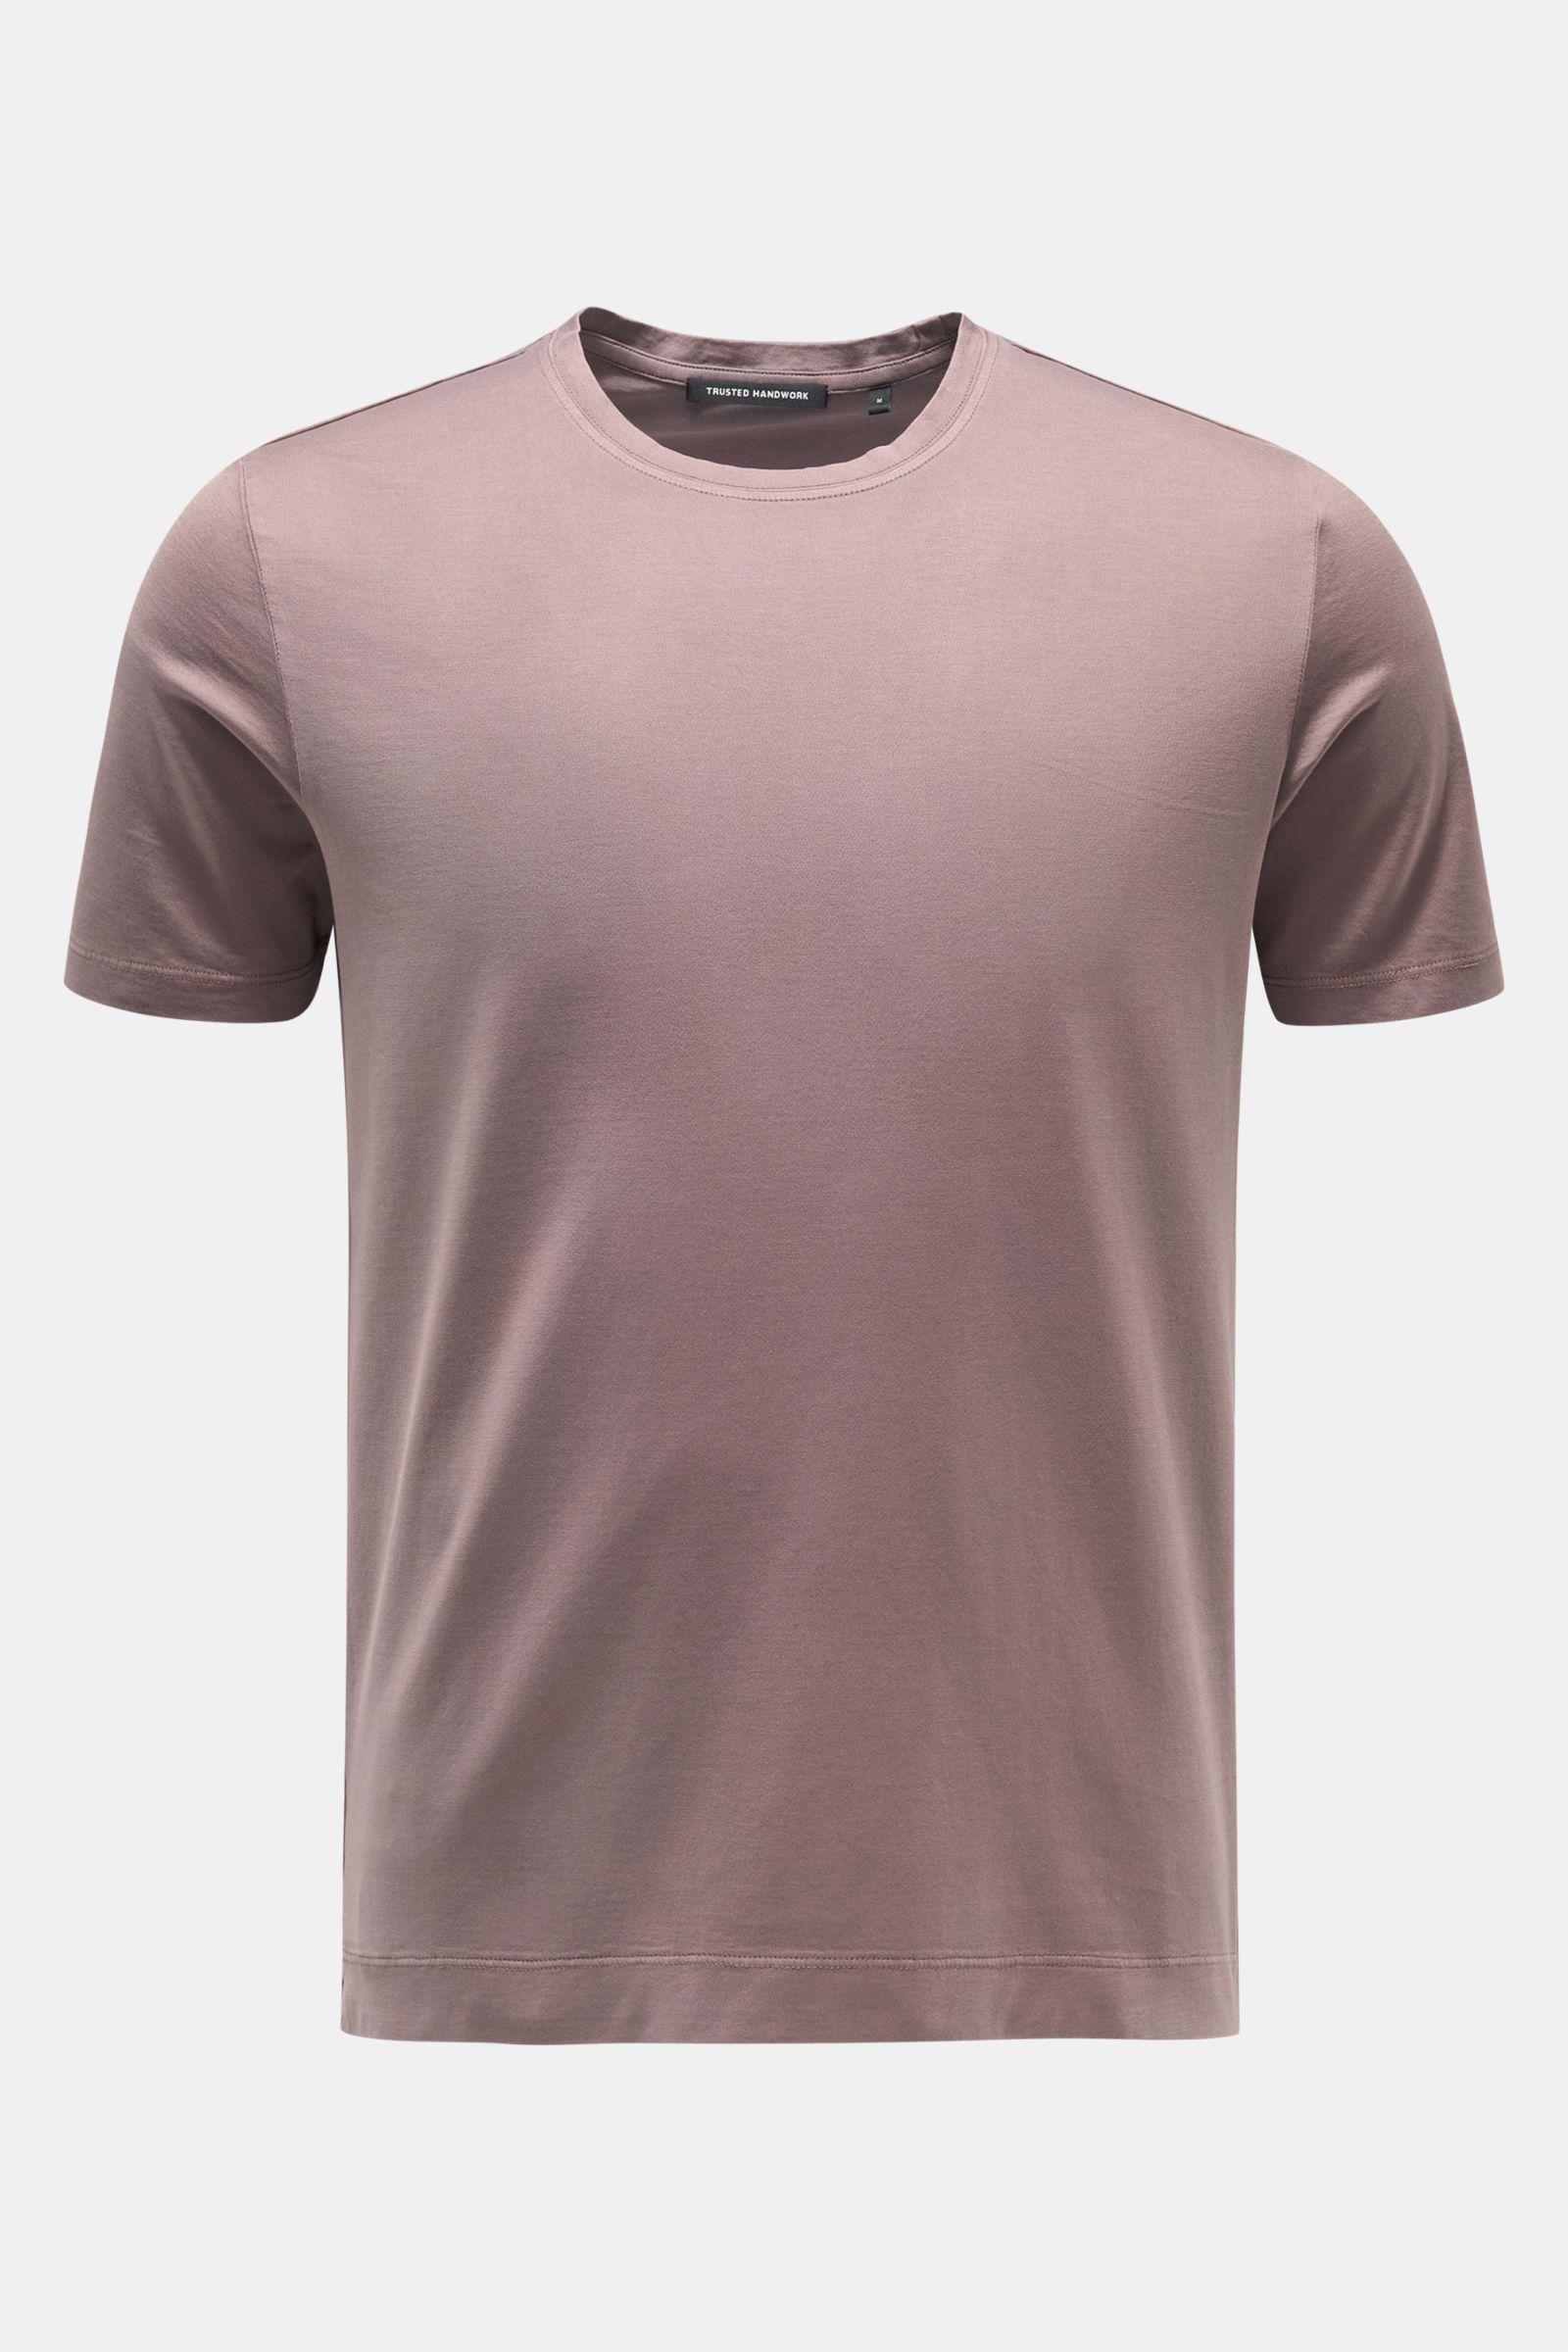 Rundhals-T-Shirt violett